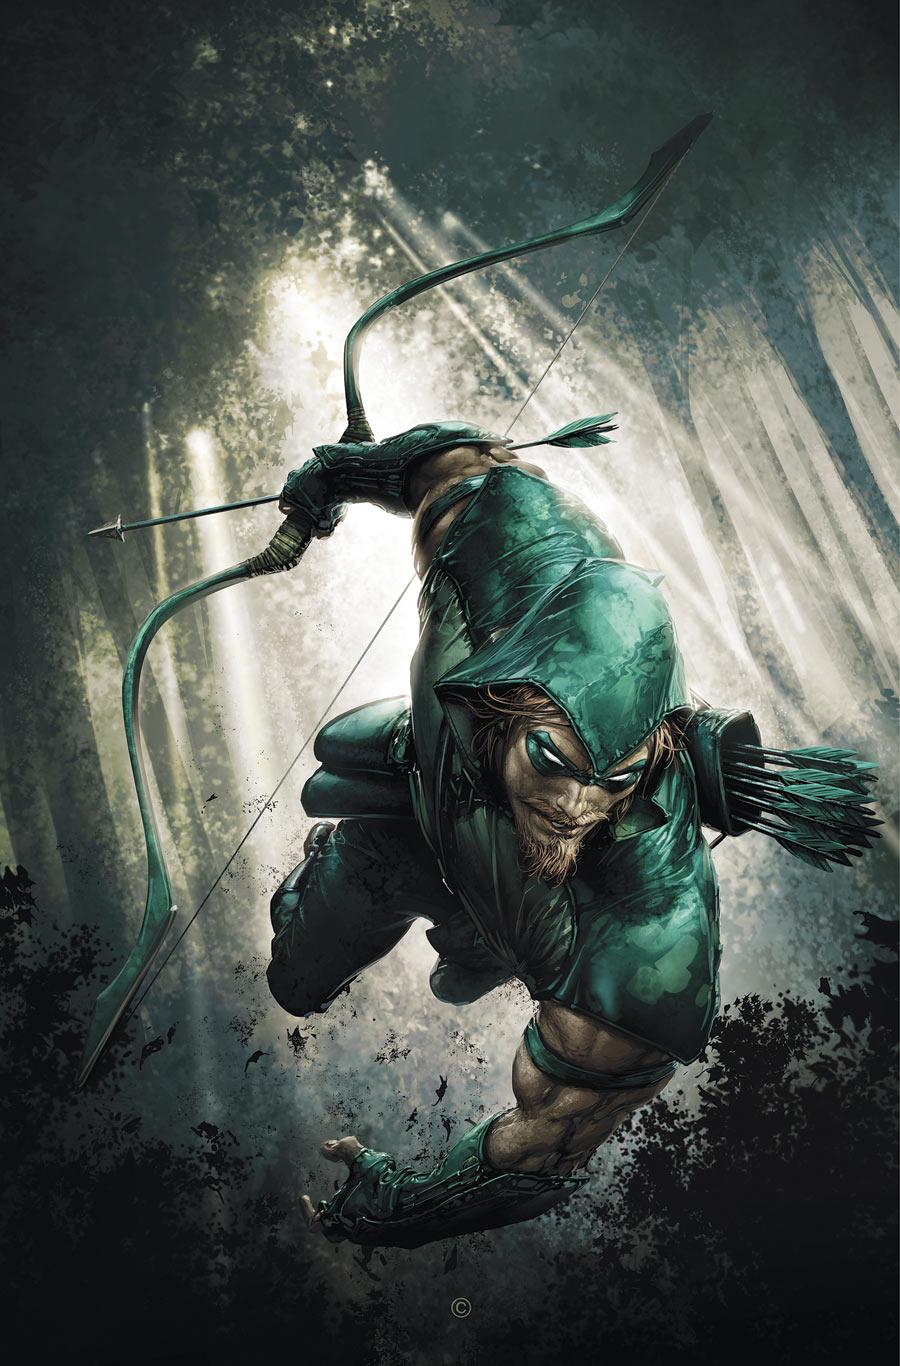 Green arrow artwork vector freeuse Green arrow artwork - ClipartFest vector freeuse